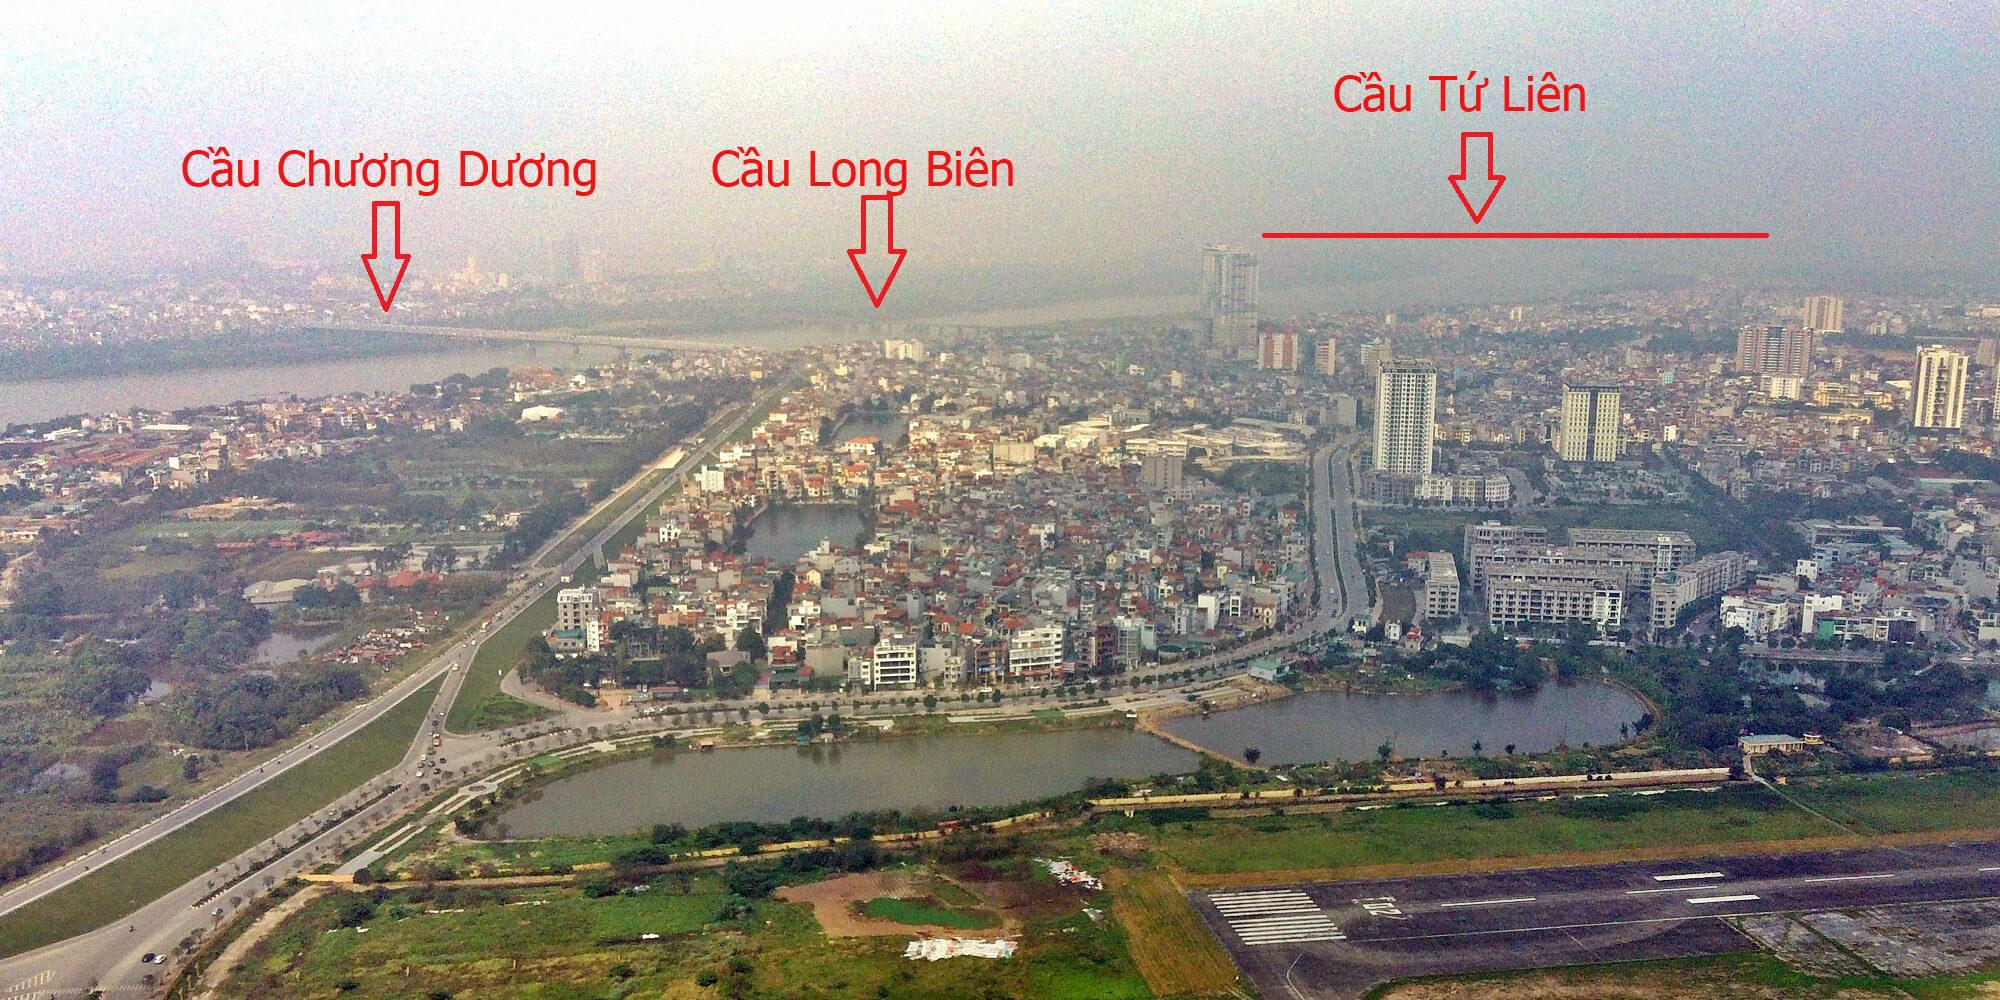 Cầu Tứ Liên nằm gần với cầu Chương Dương và Long Biên.